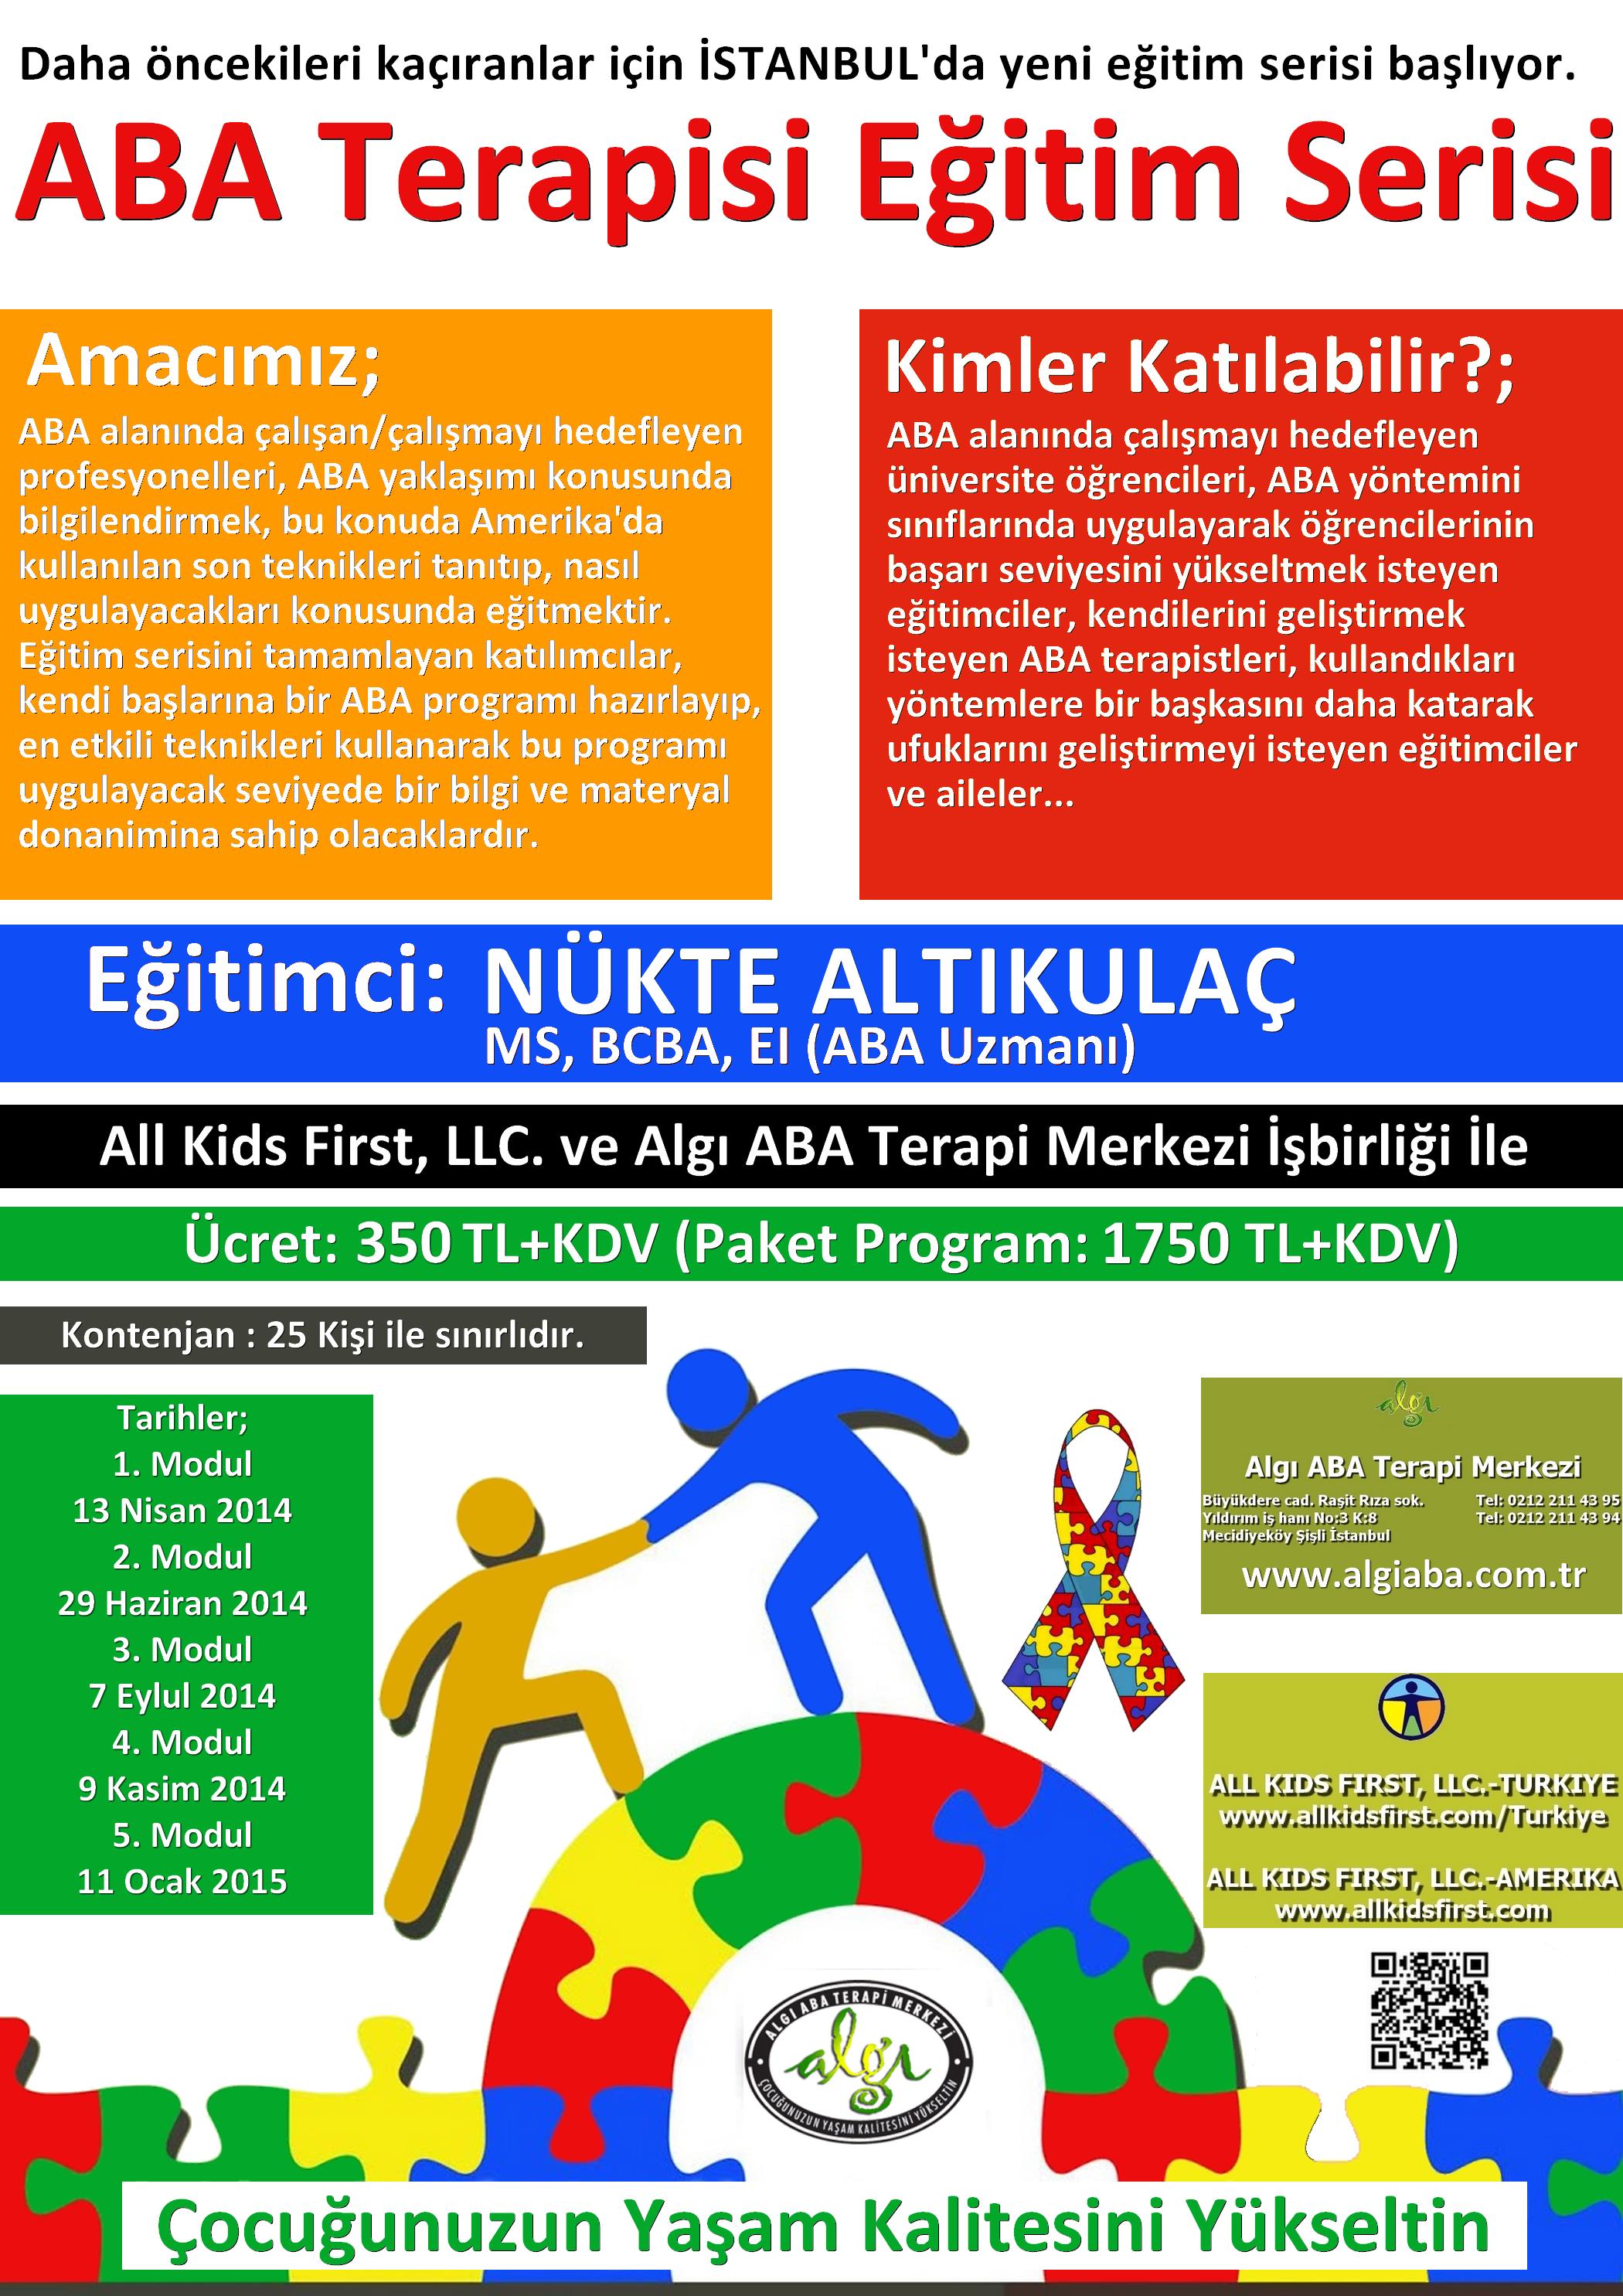 ABA Terapisi Eğitim Serisi 2014